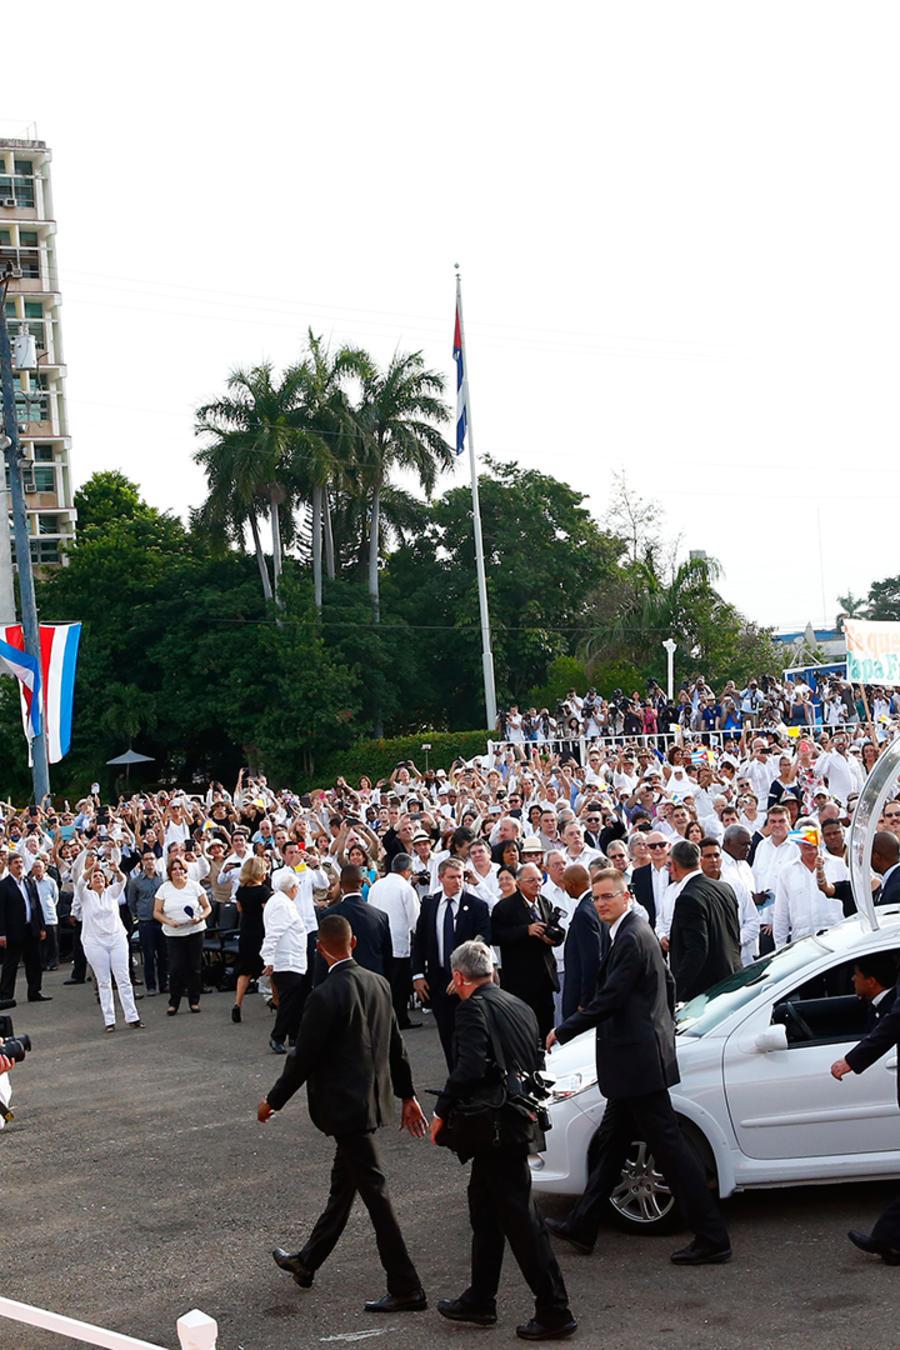 El papa Francisco llega para oficiar la misa en la Plaza de la Revolución en La Habana, Cuba el Domingo 20 de Septiembre del 2015